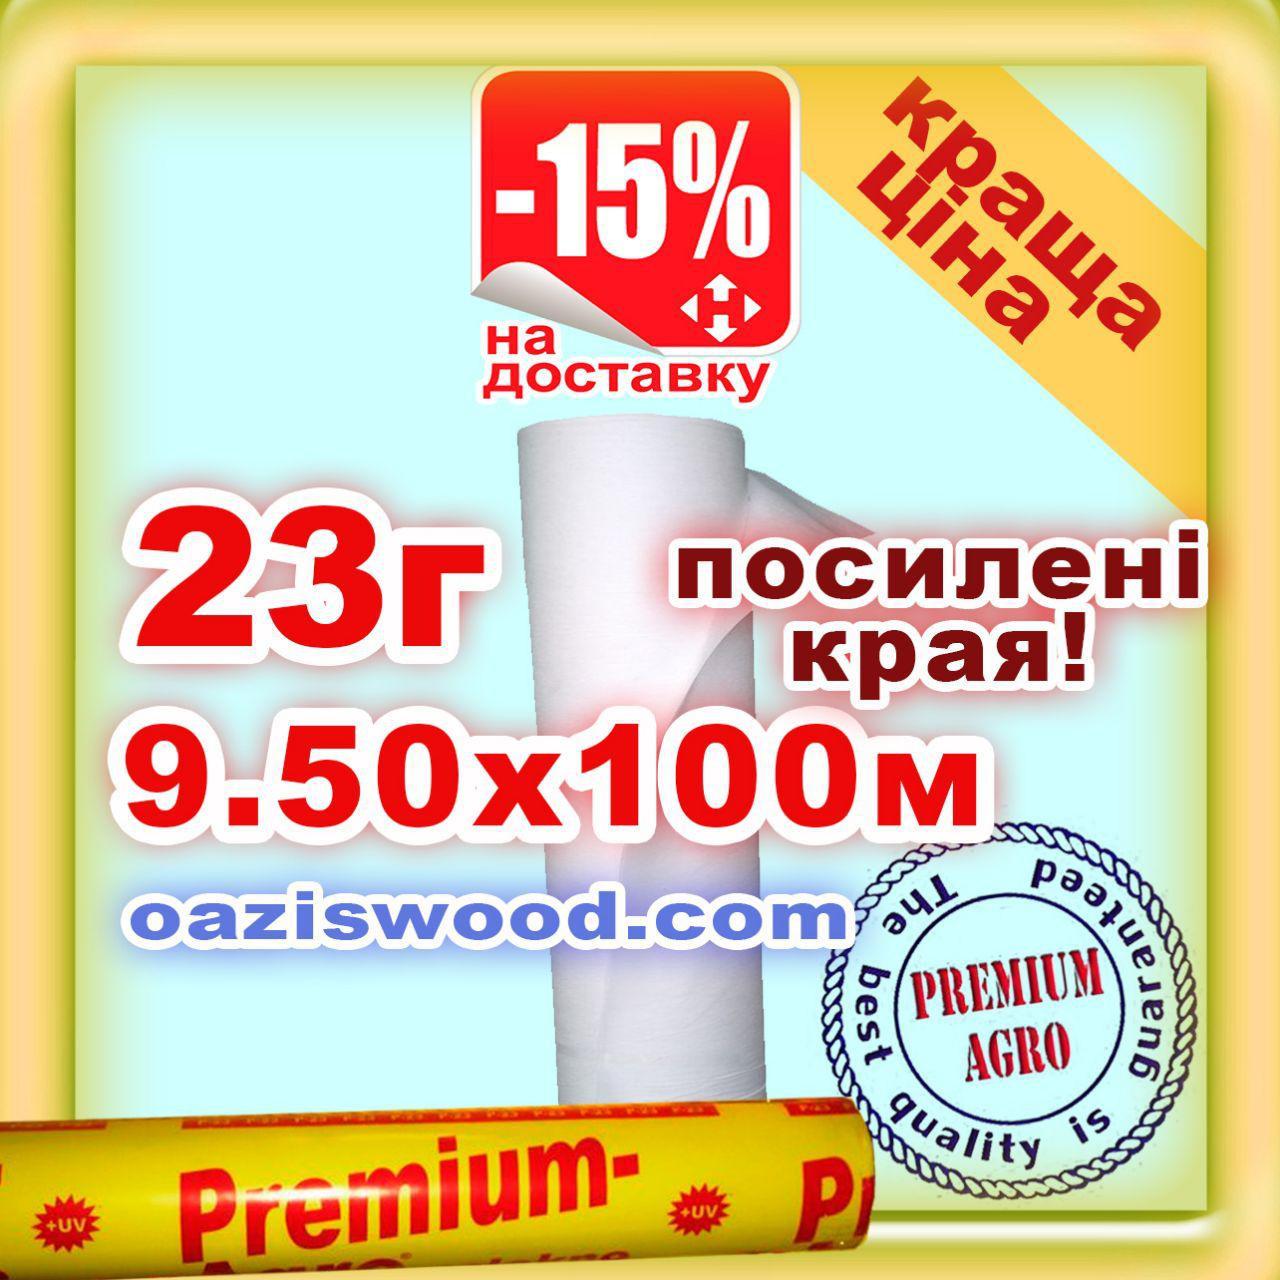 Агроволокно р-23g 9.5*100м белое UV-P 4.5% Premium-Agro Польша усиленные края